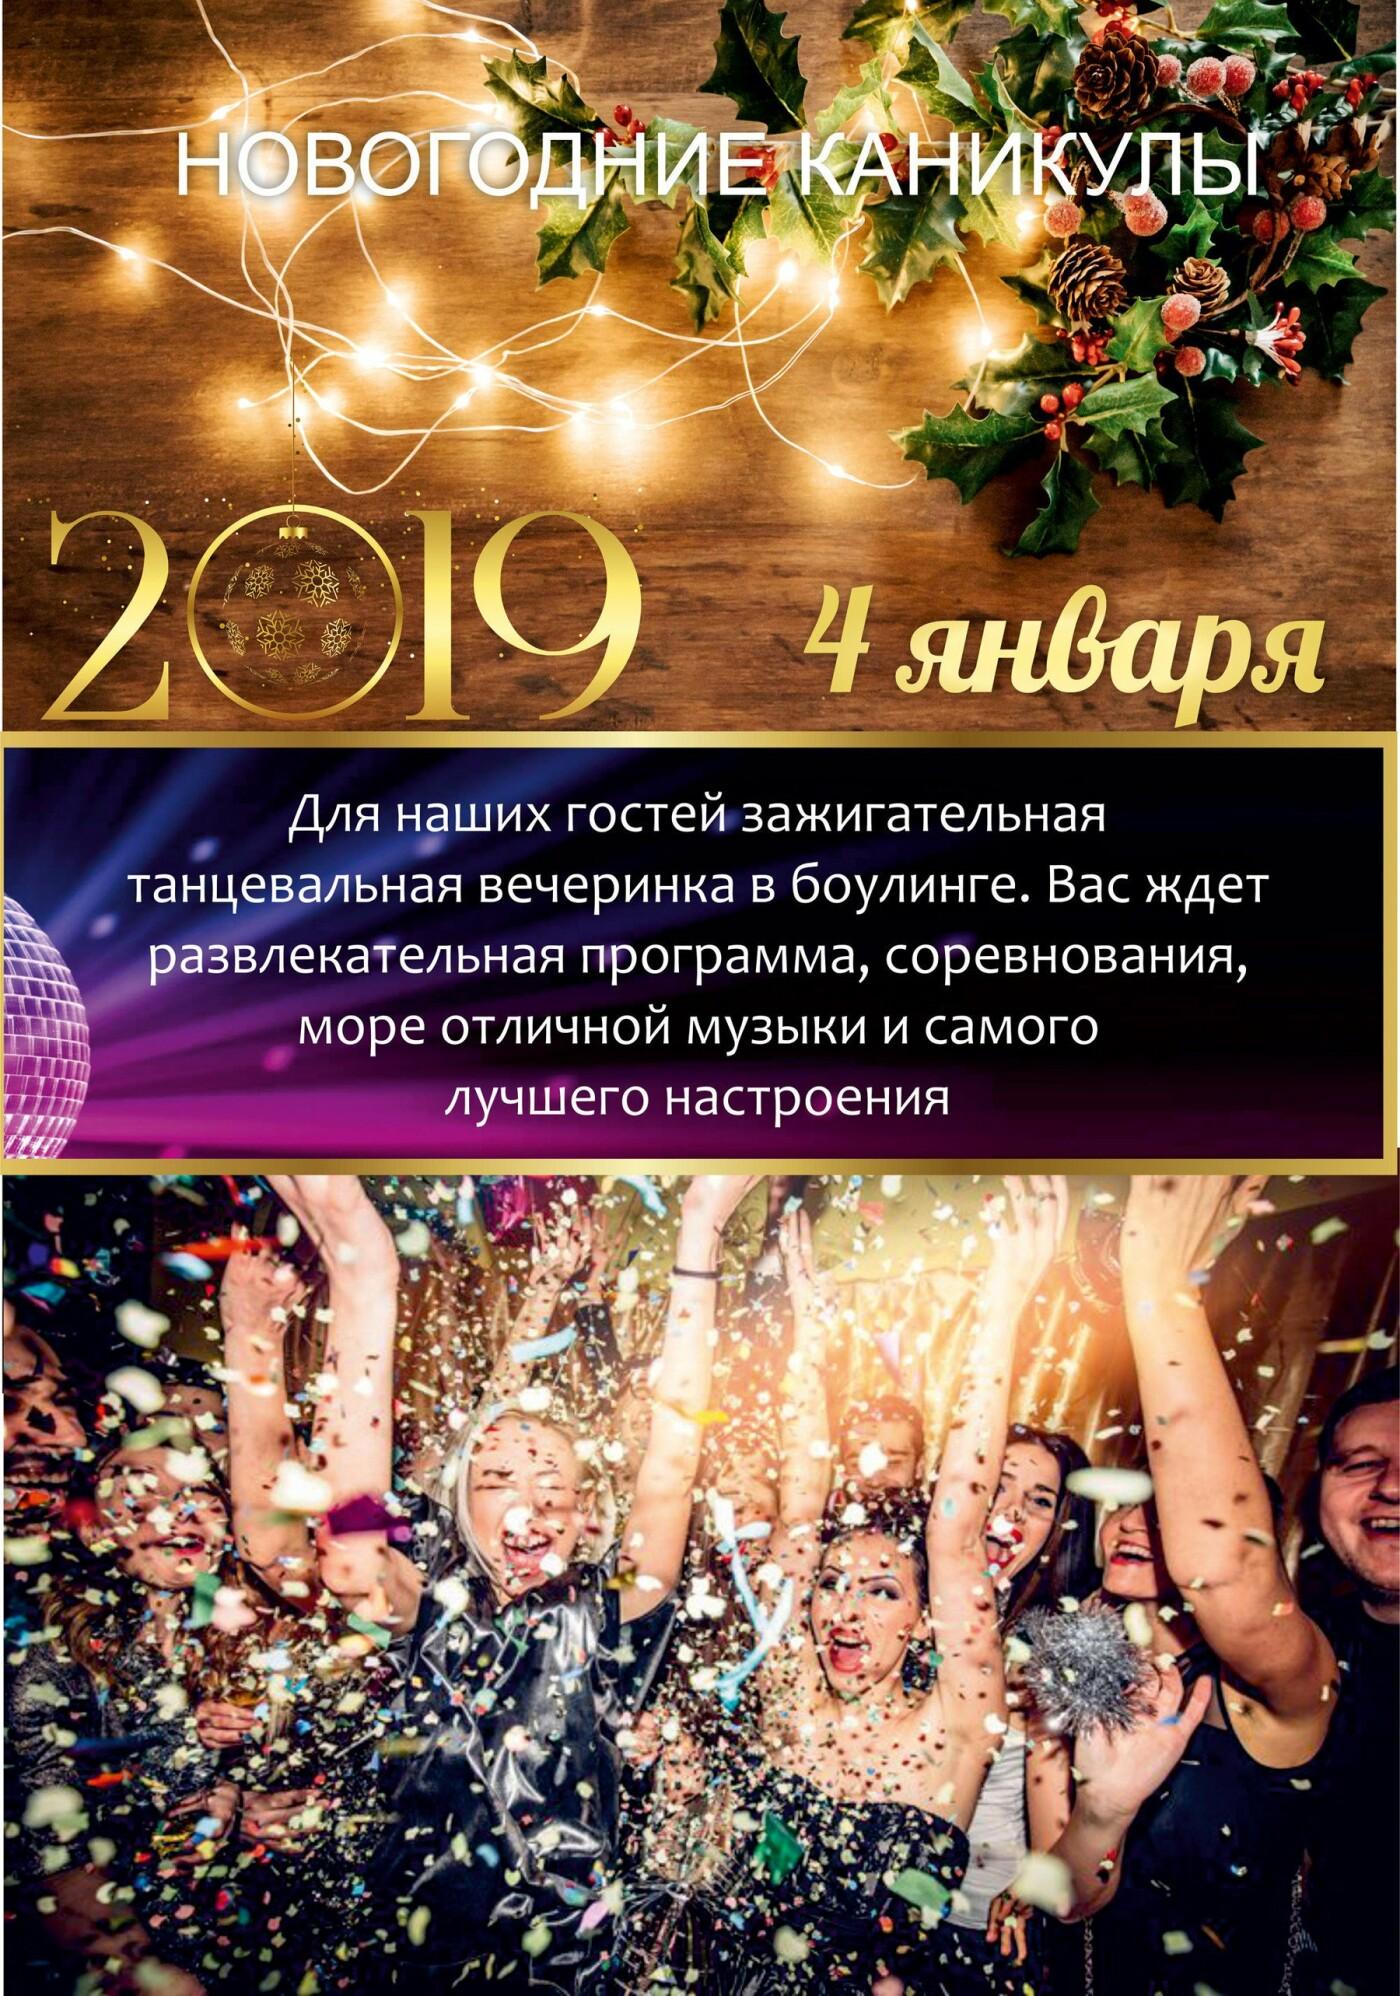 Встречайте Новый год-2019 всей семьей в санатории «Айвазовское»!, фото-6